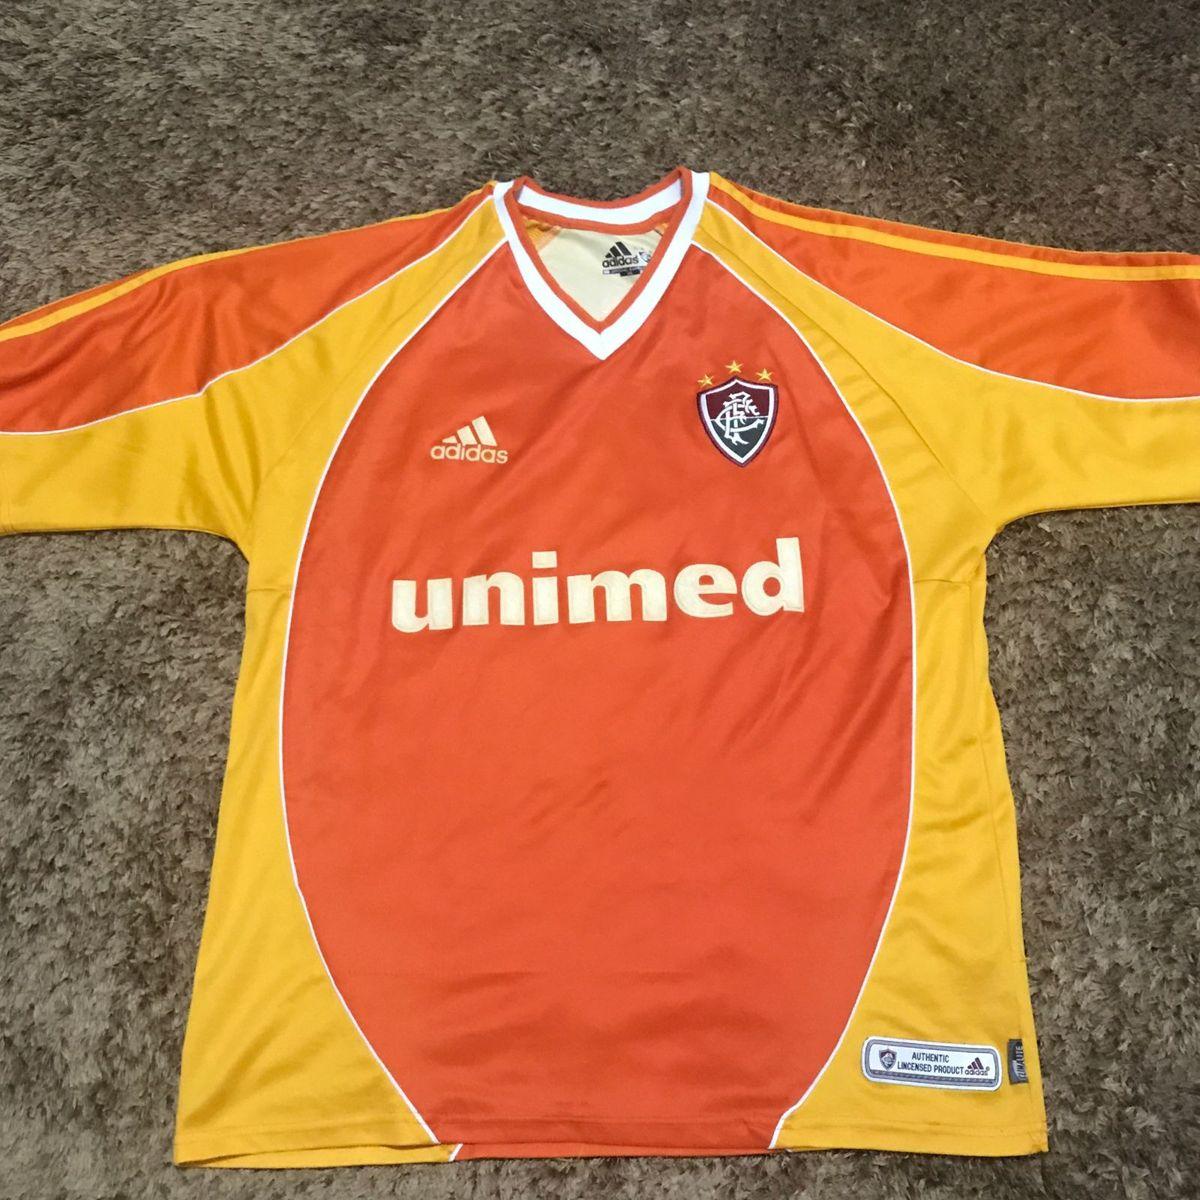 camisa fluminense centenário 2002 gg - esportes adidas 101b22b196a9c